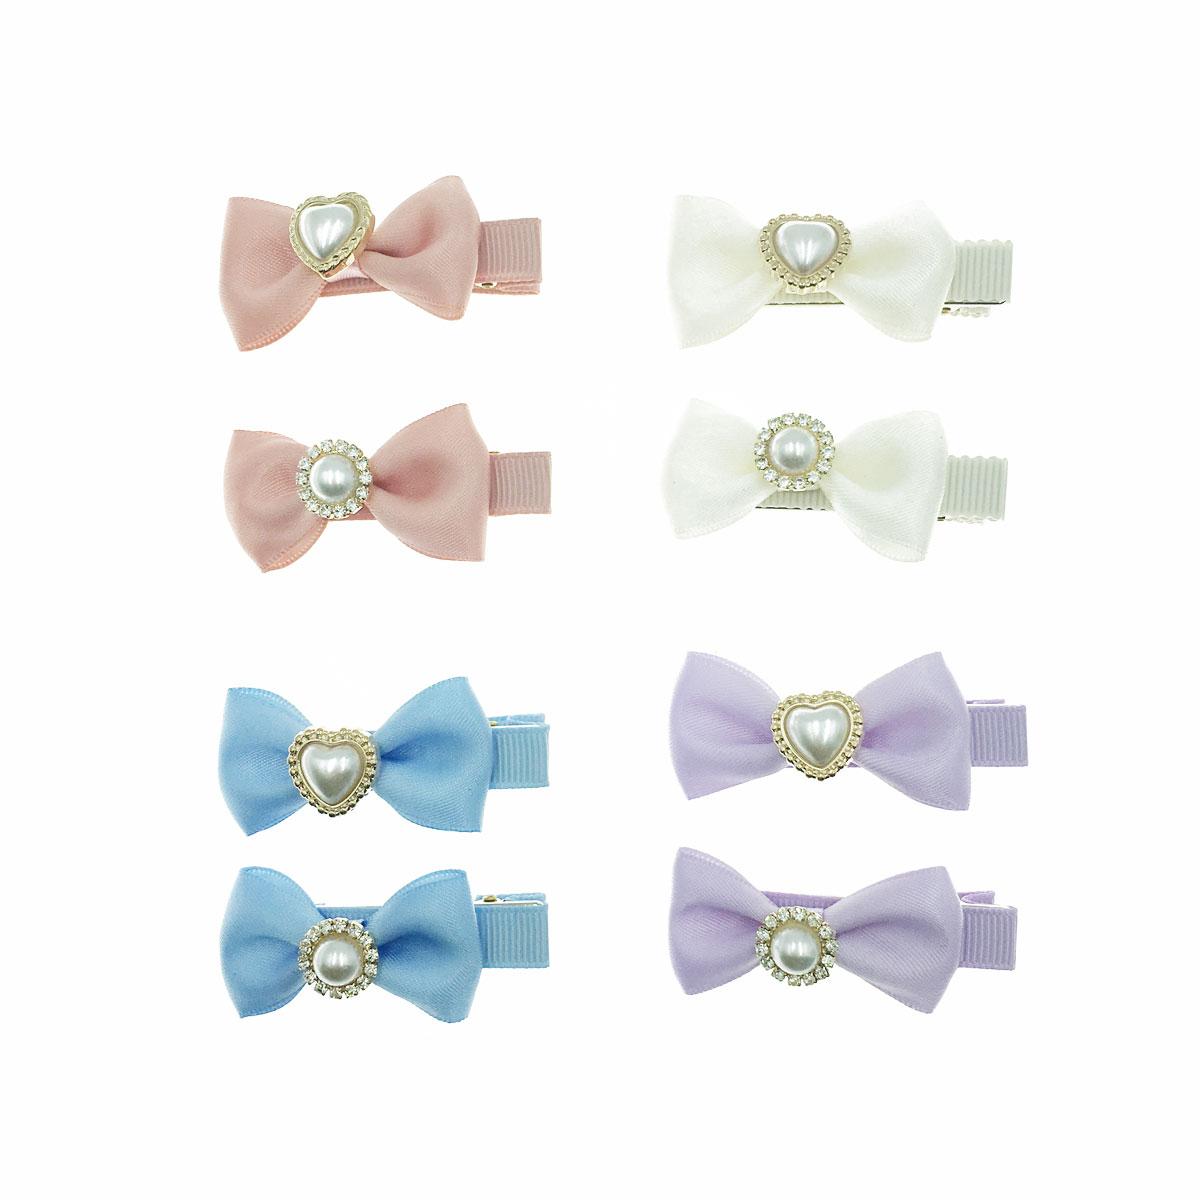 韓國 珍珠 水鑽 愛心 圓 蝴蝶結 不對稱 四色 二入一組 壓夾 髮夾 髮飾